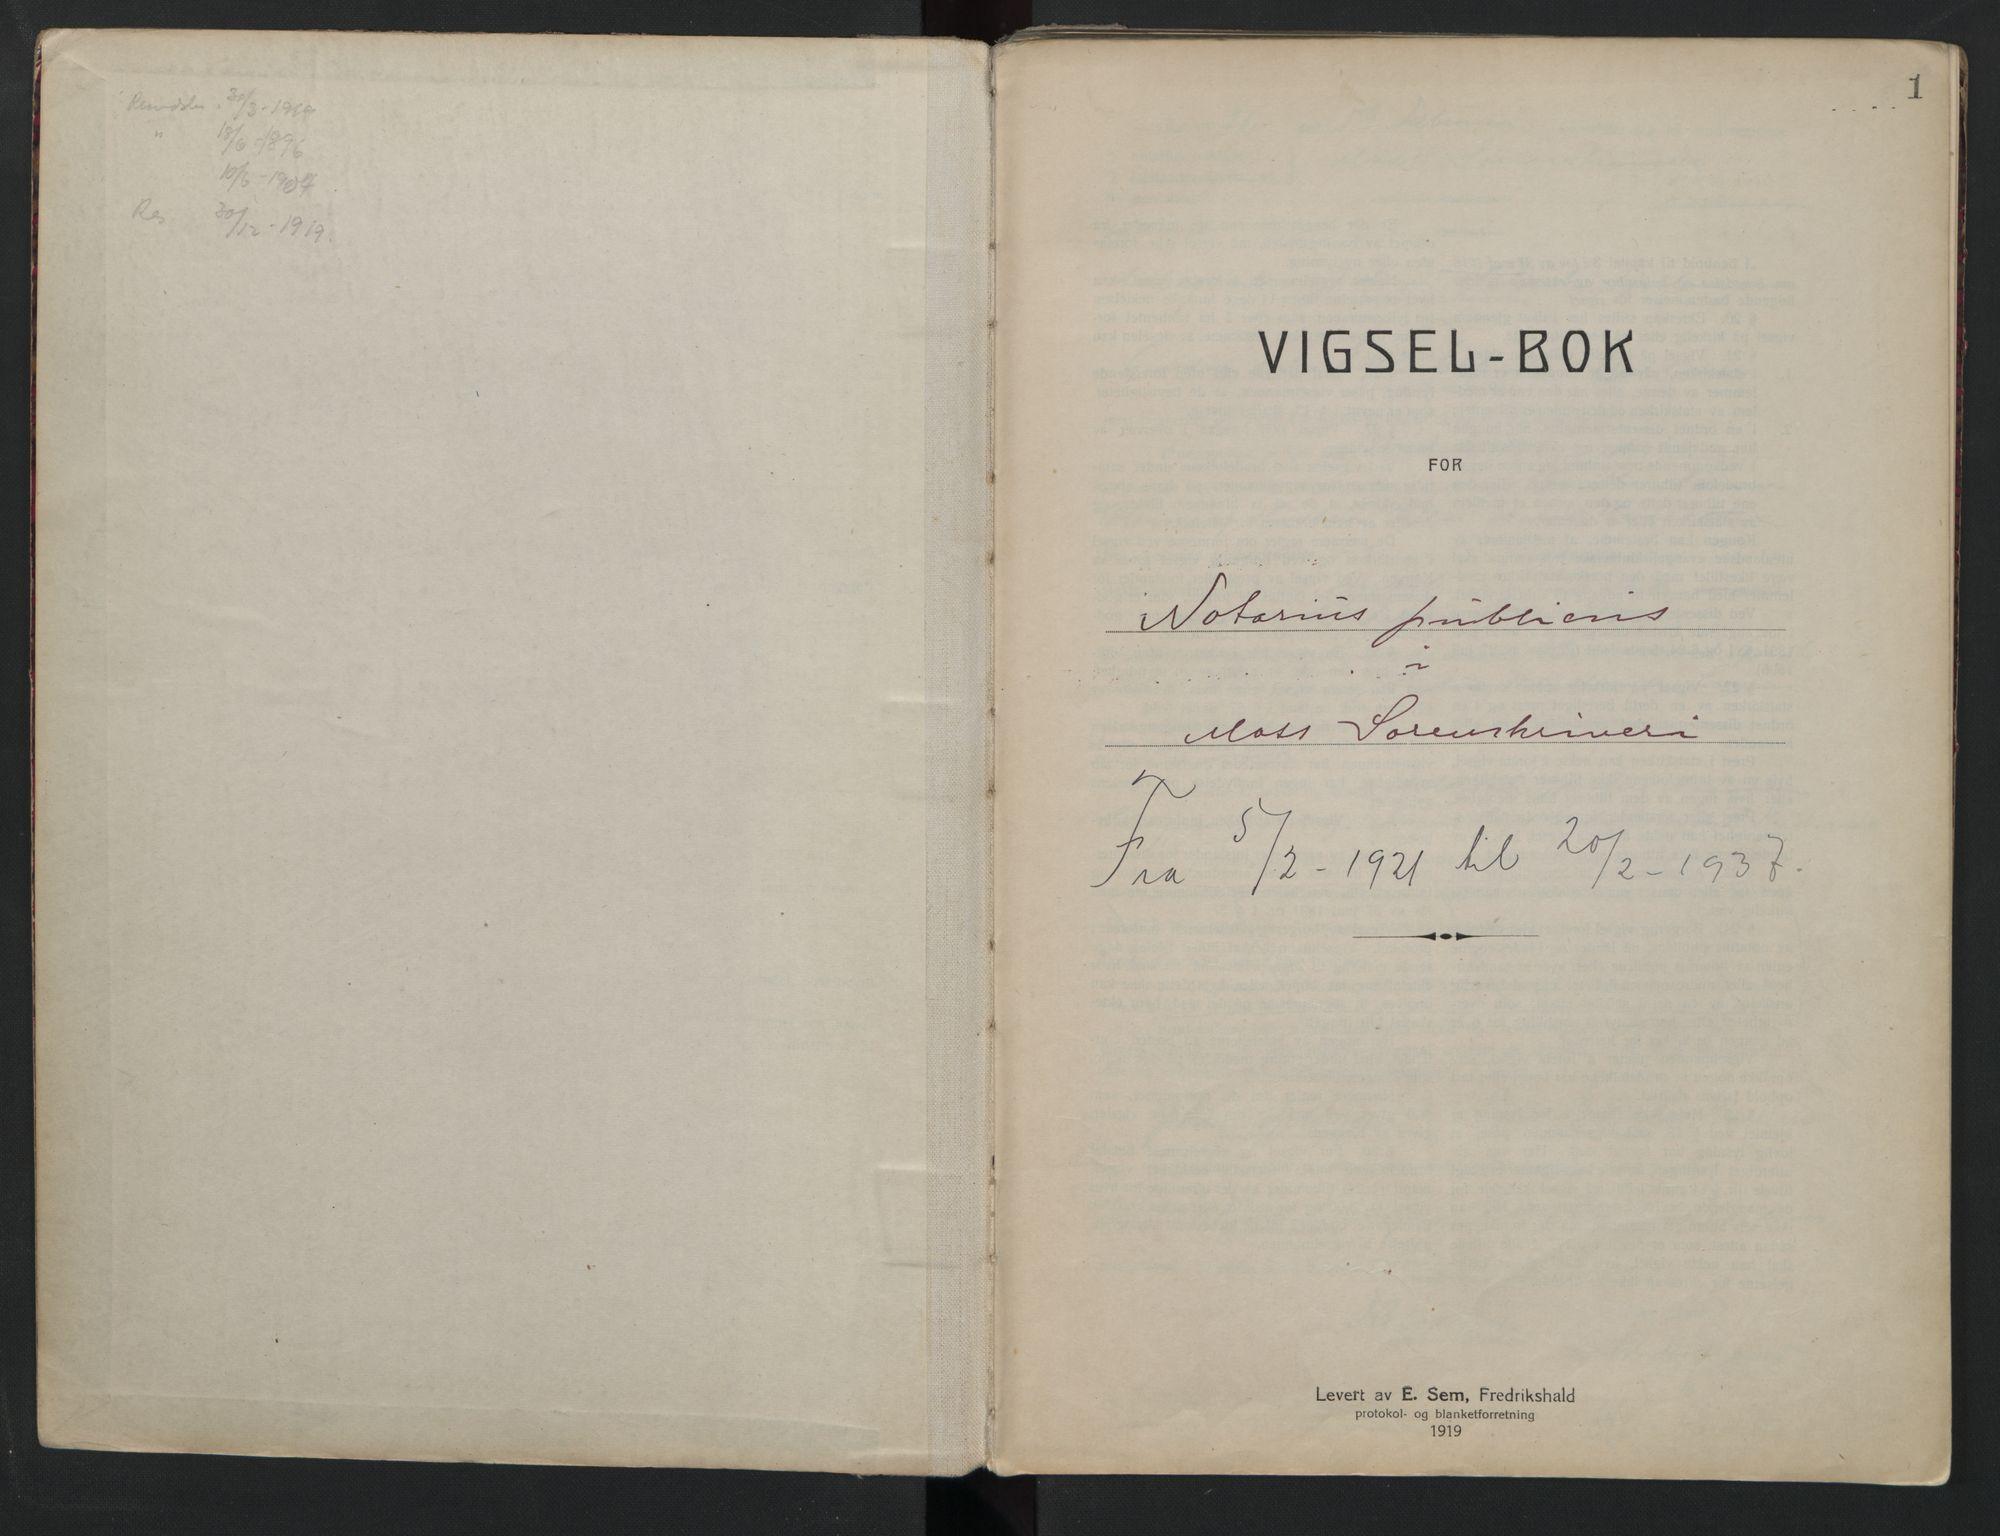 SAO, Moss sorenskriveri, 1921-1937, s. 1